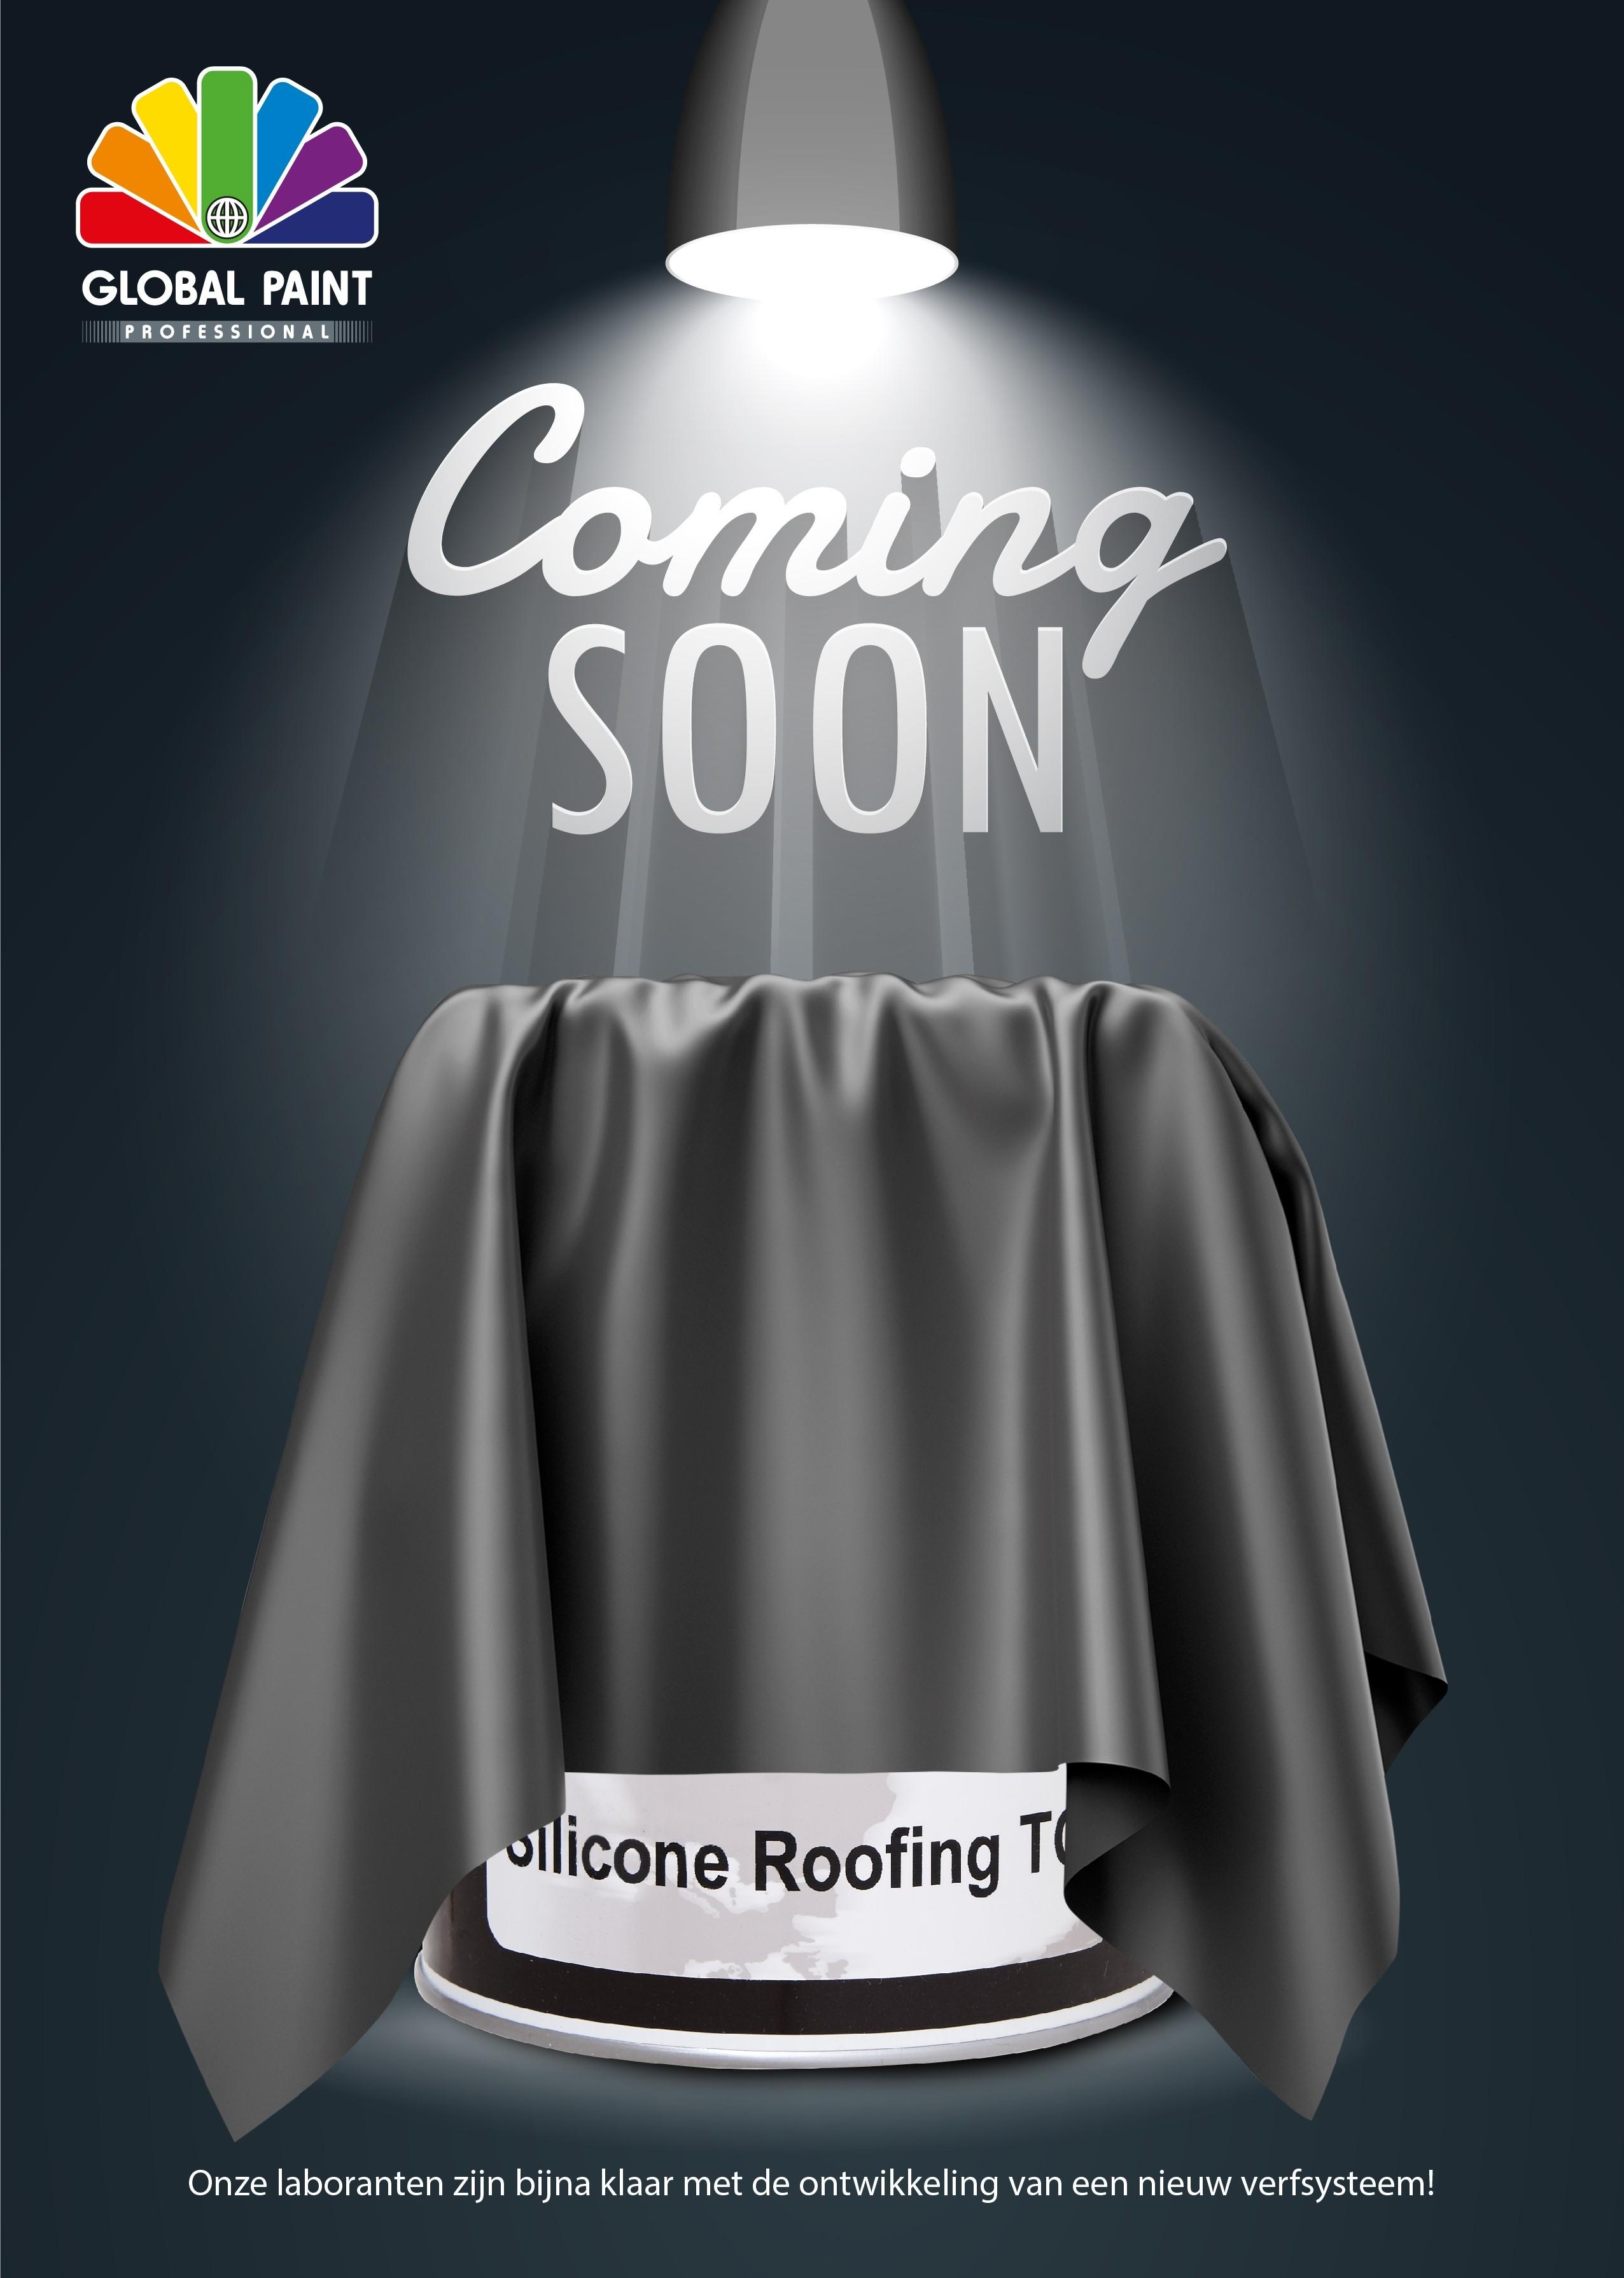 Aankondiging Silicone Roofing_TG.JPG